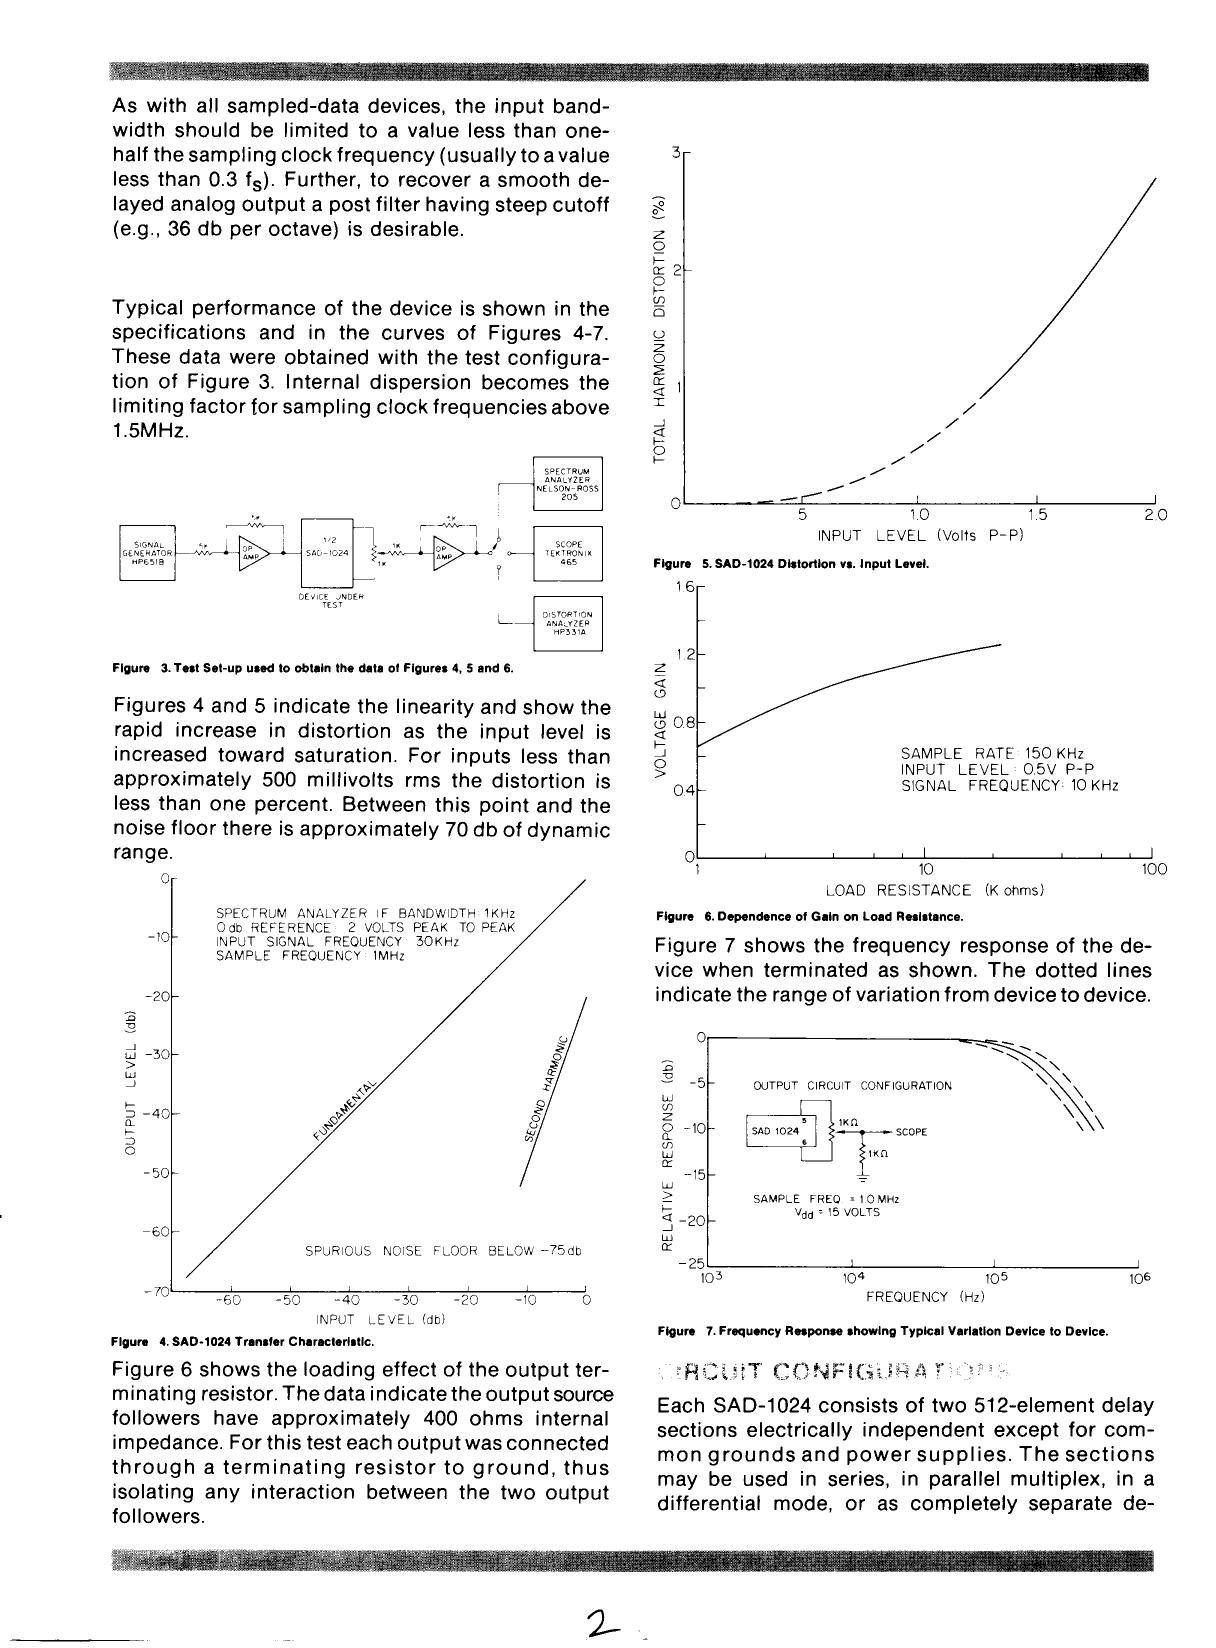 SAD1024 pdf schematic